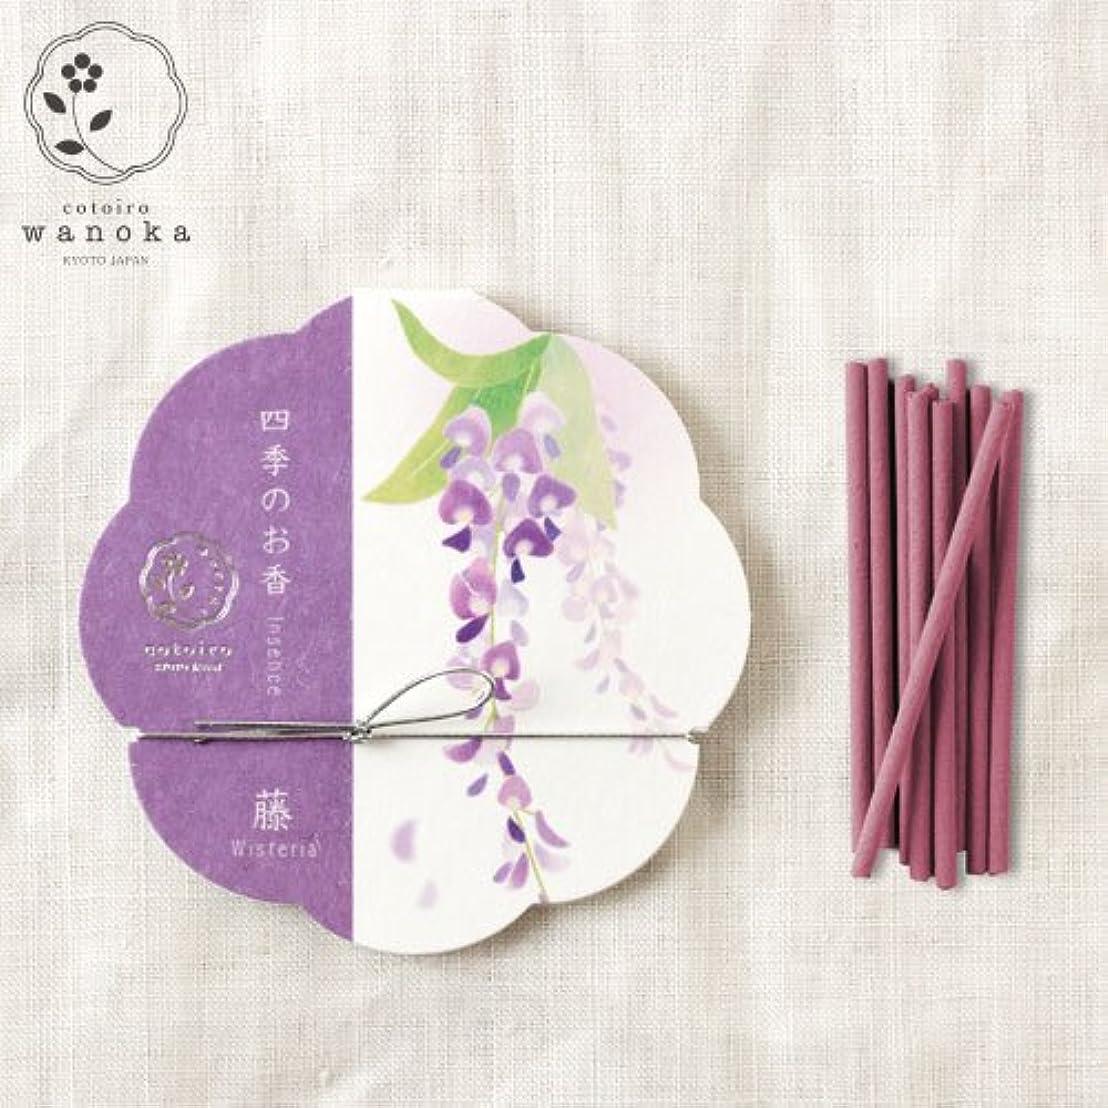 みすぼらしいマーキング弱めるwanoka四季のお香(インセンス)藤《藤をイメージした華やかな香り》ART LABIncense stick